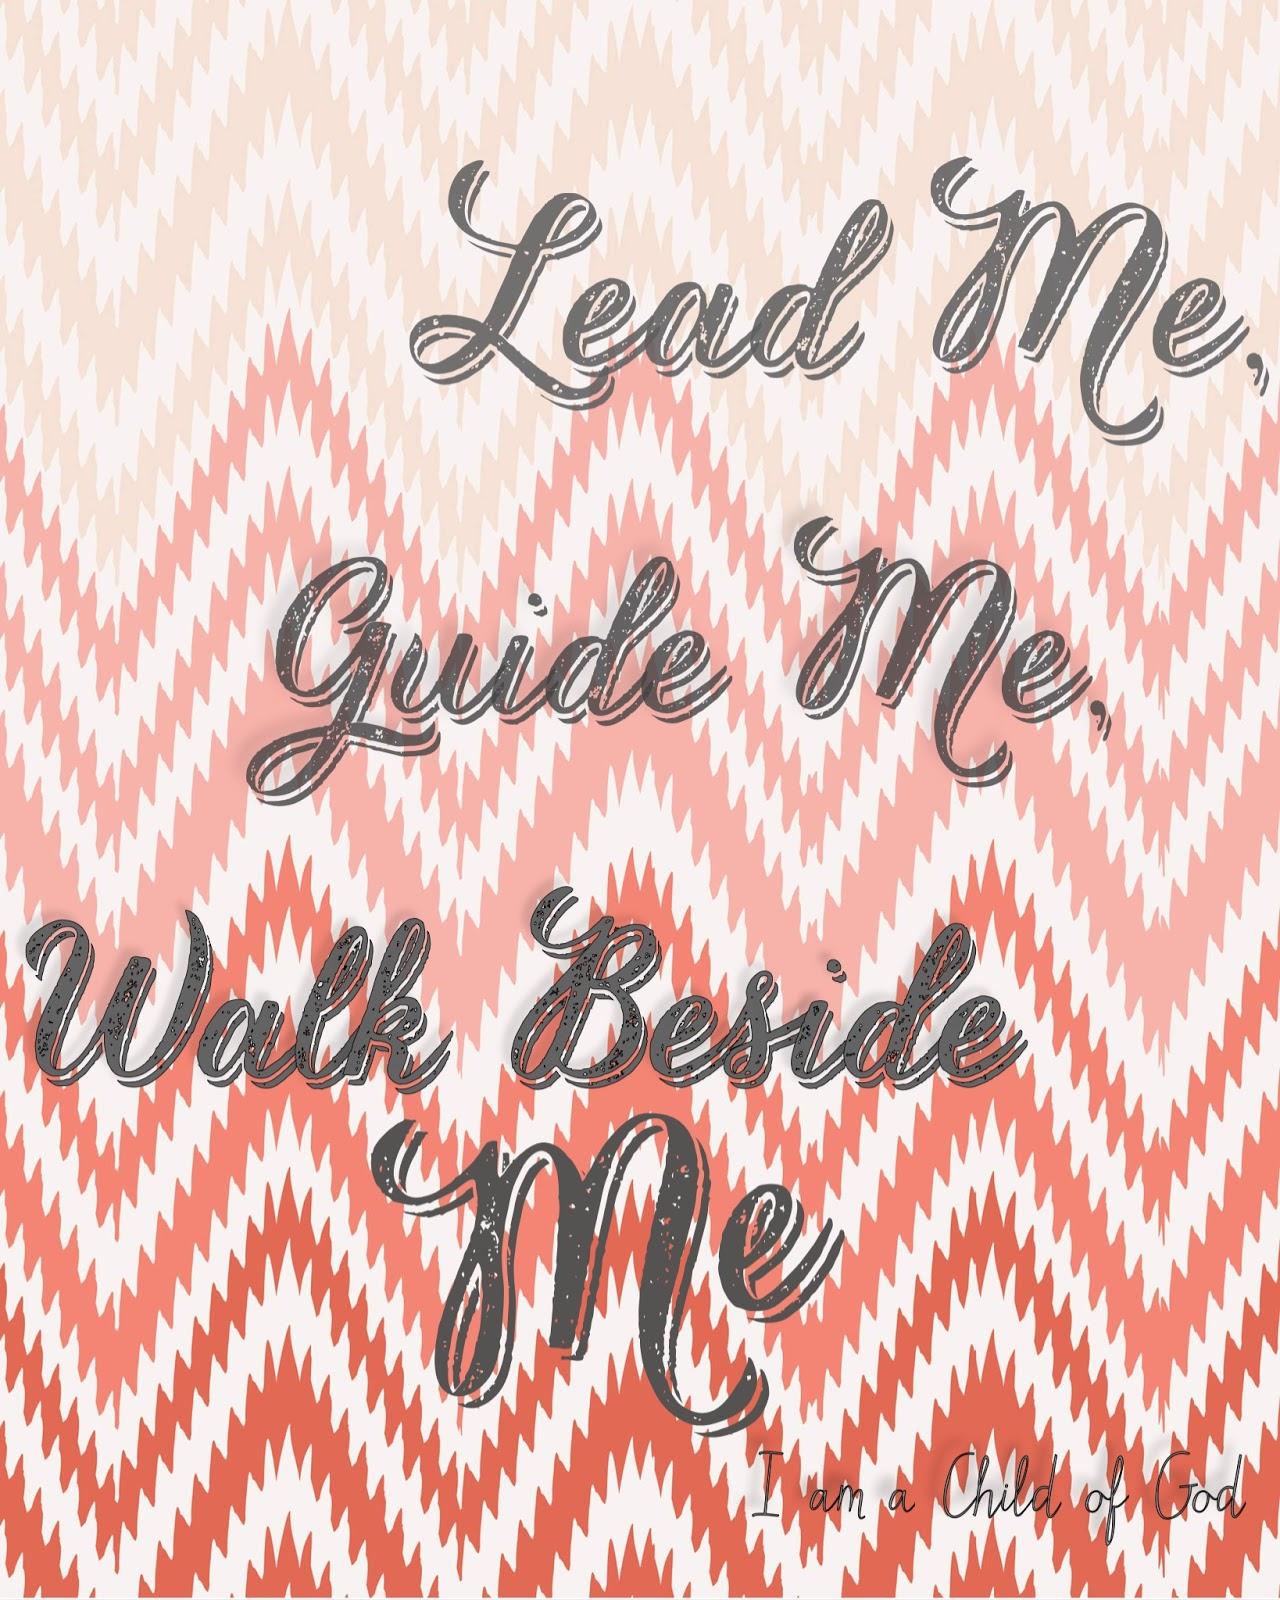 Lead Me Guide Walk Beside MeI Am A Child Of God